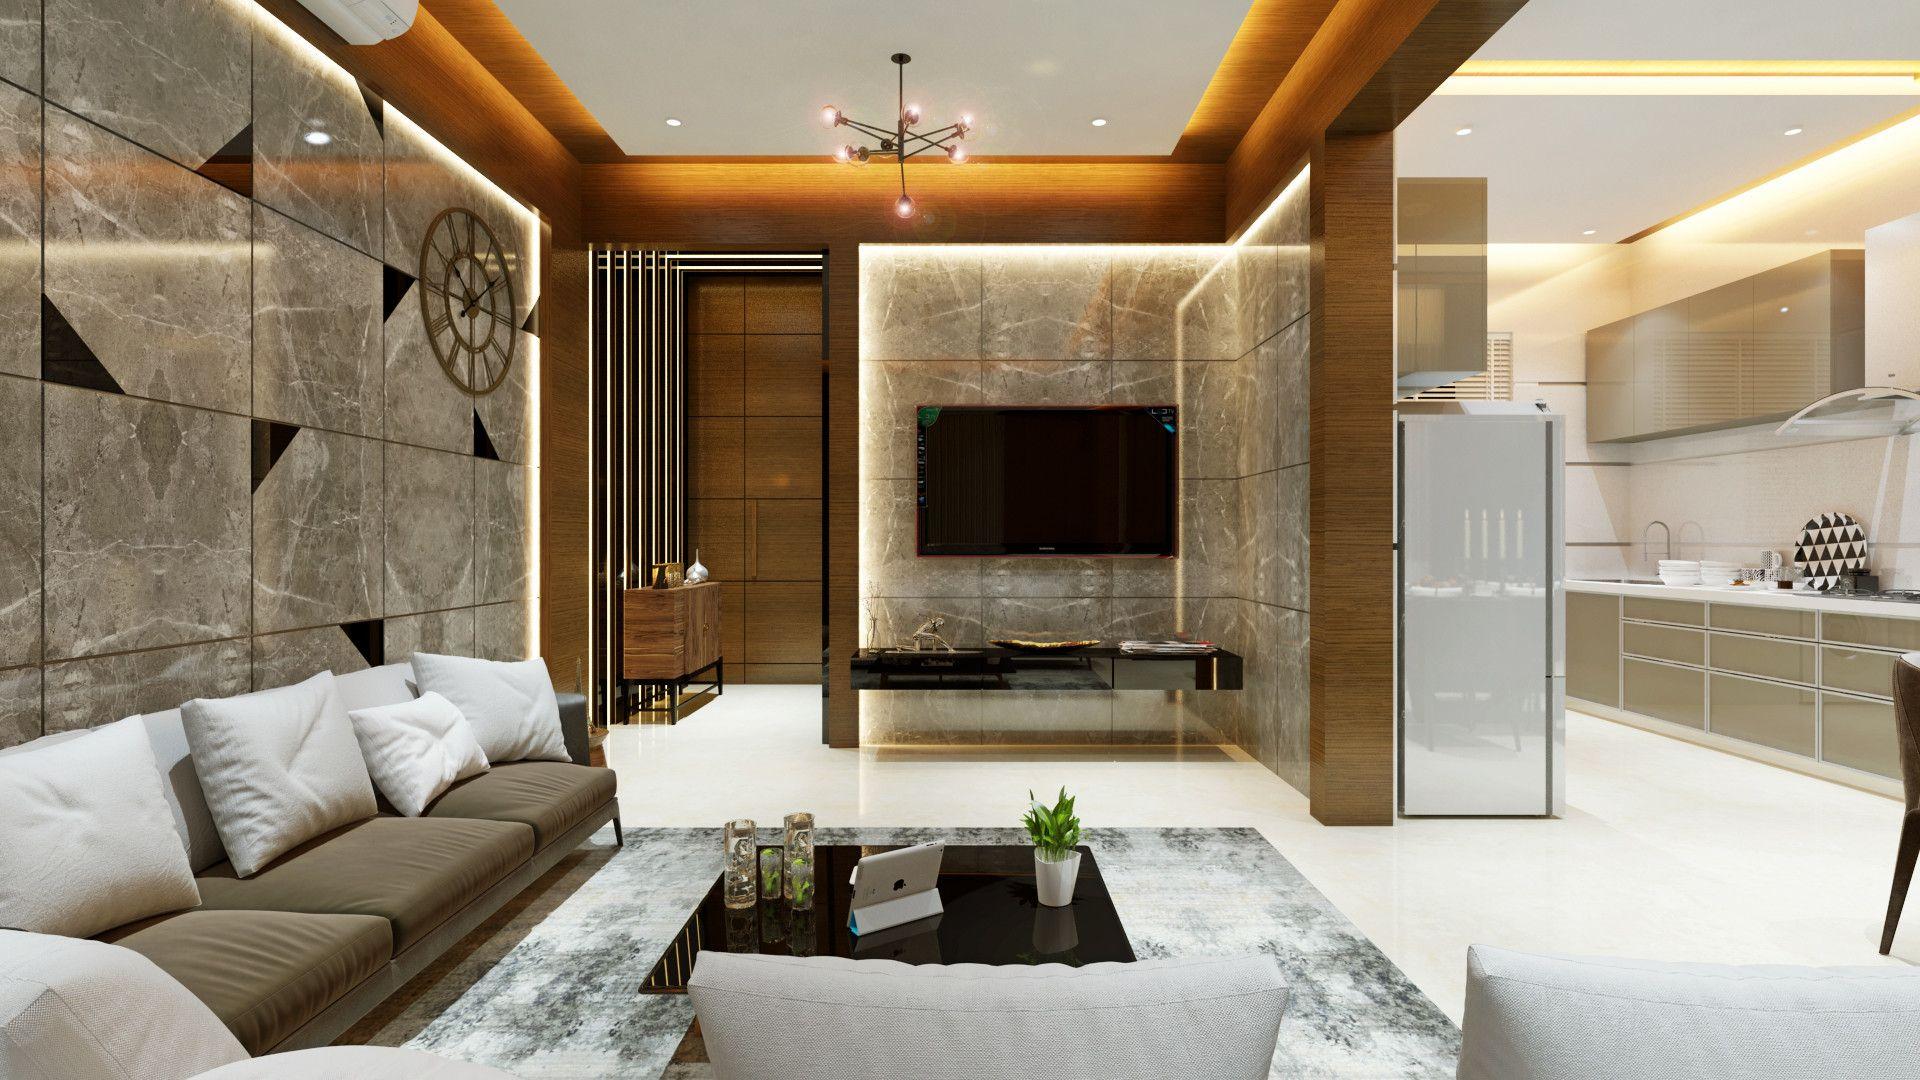 02_6284 Jpg Luxury Living Room Living Room Design Mo